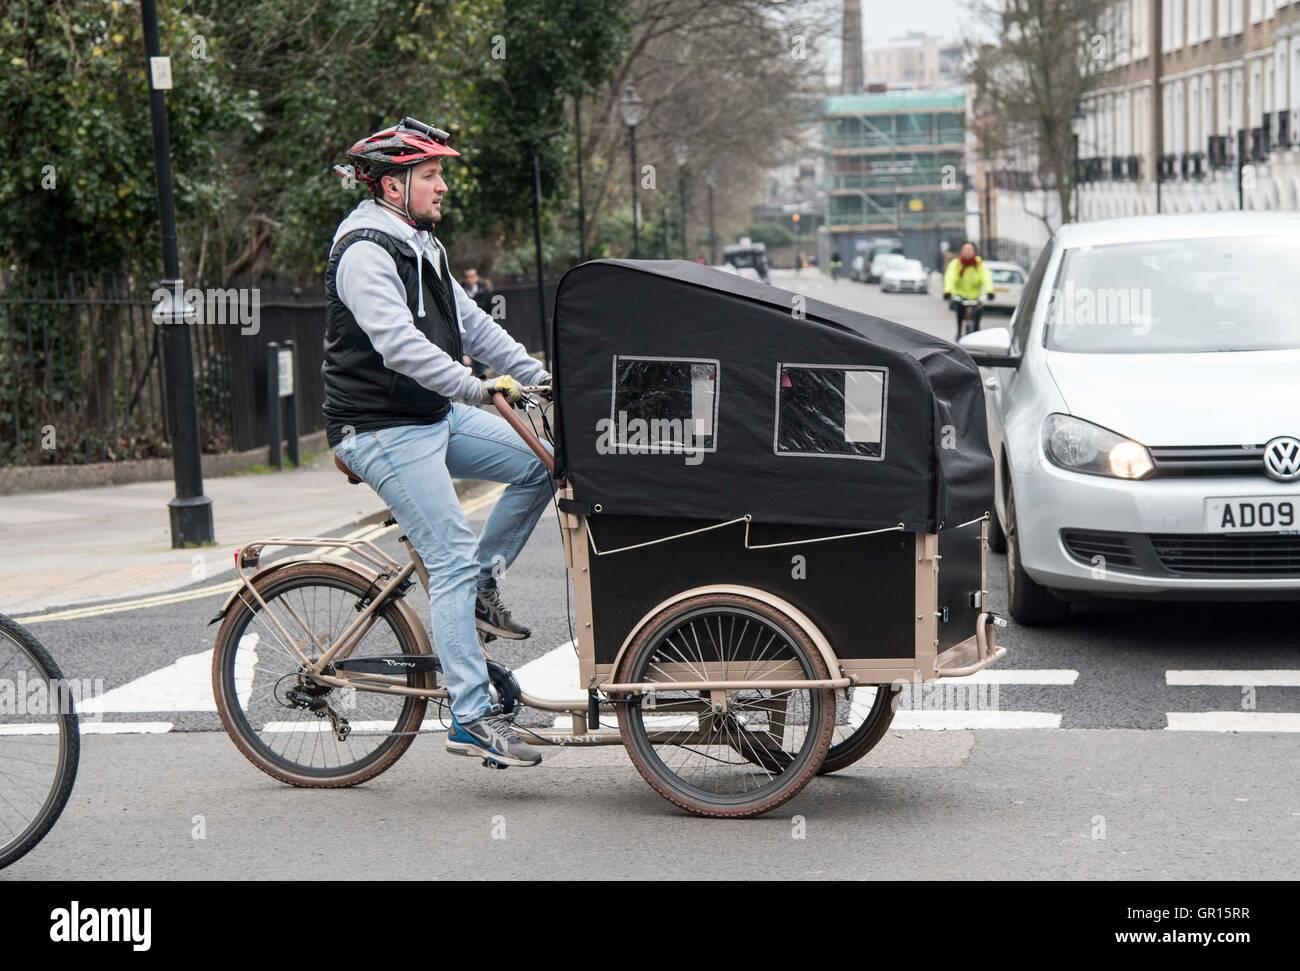 Ciclo ciclista escuela asiento infantil de seguridad en bicicleta Imagen De Stock